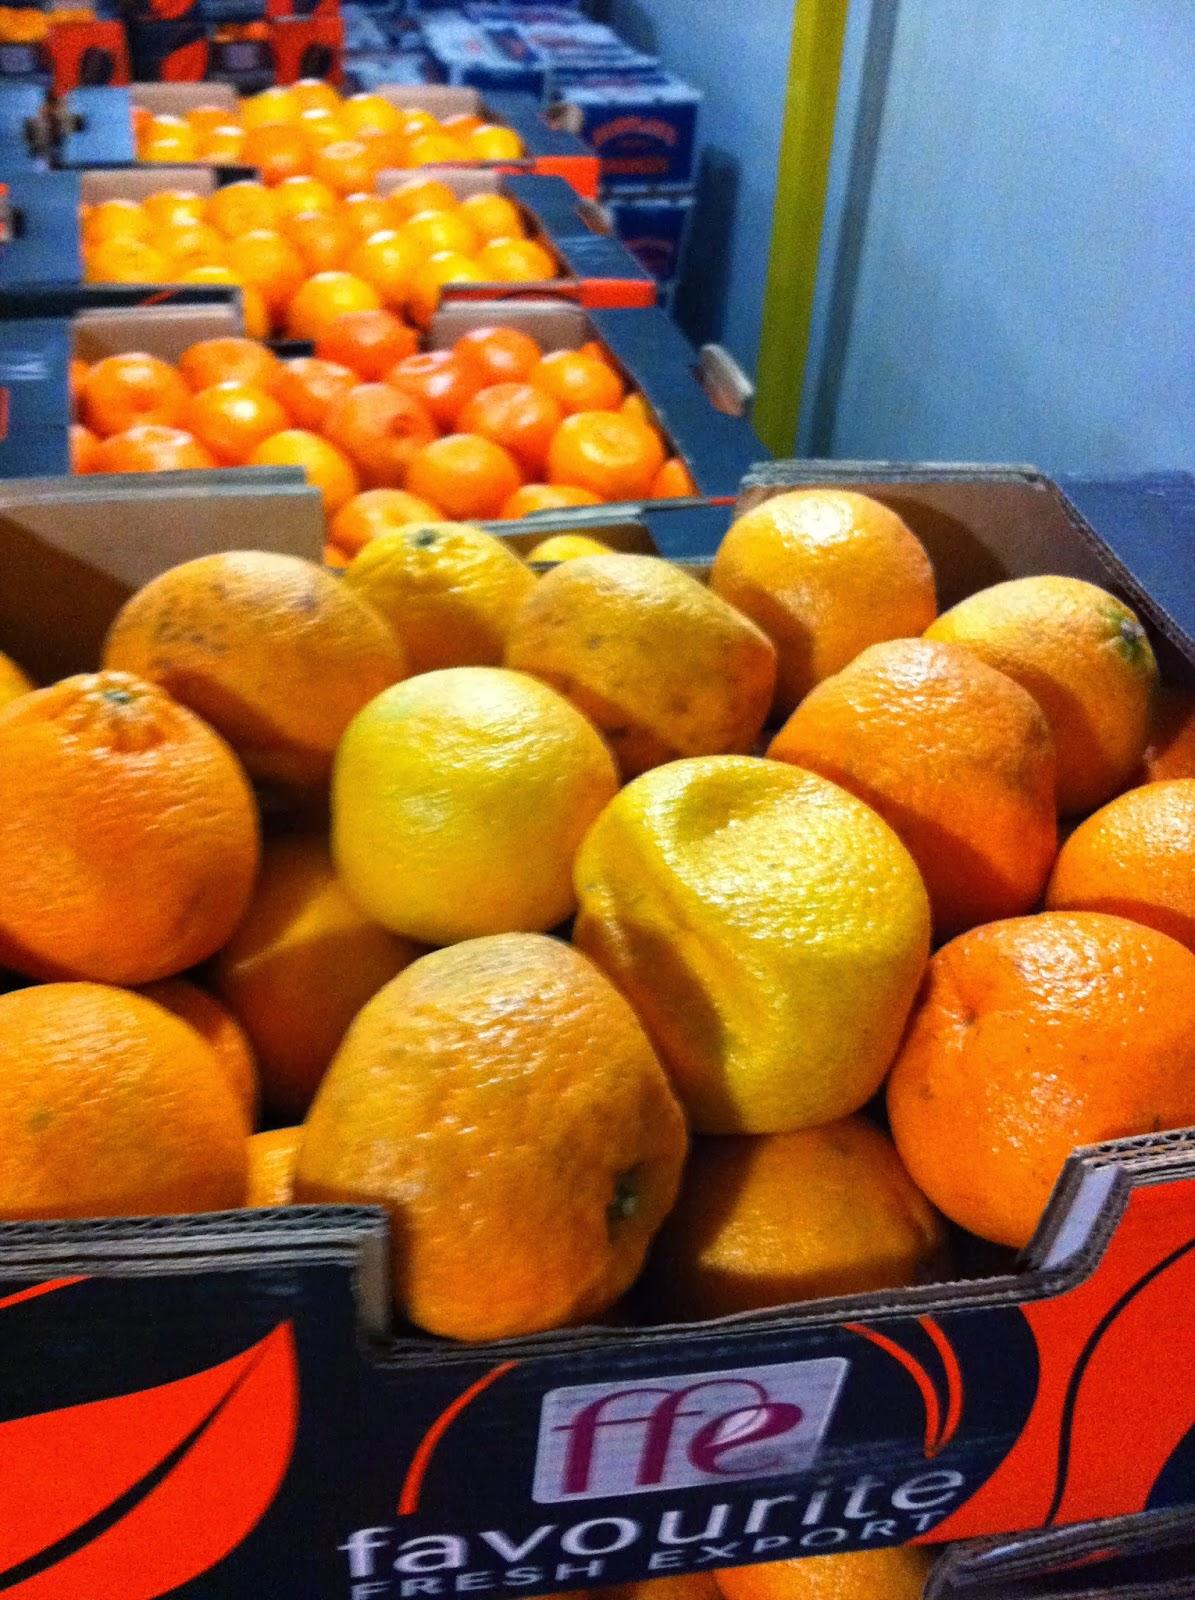 Cargo Damaged Survey Fruits Orange